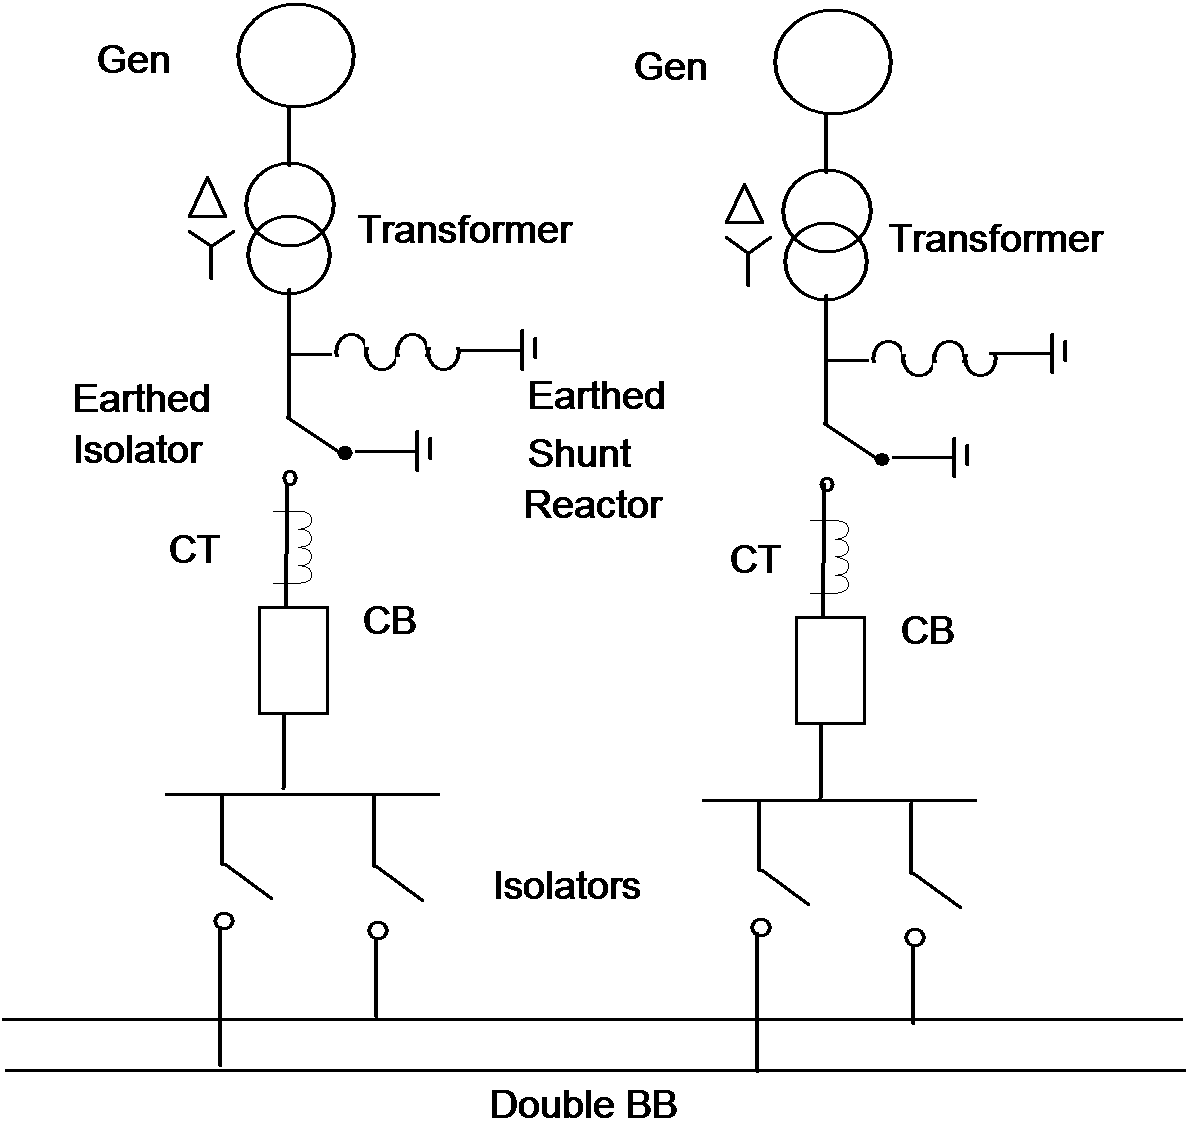 النسق الكهربي لنموذج لمحطة توليد